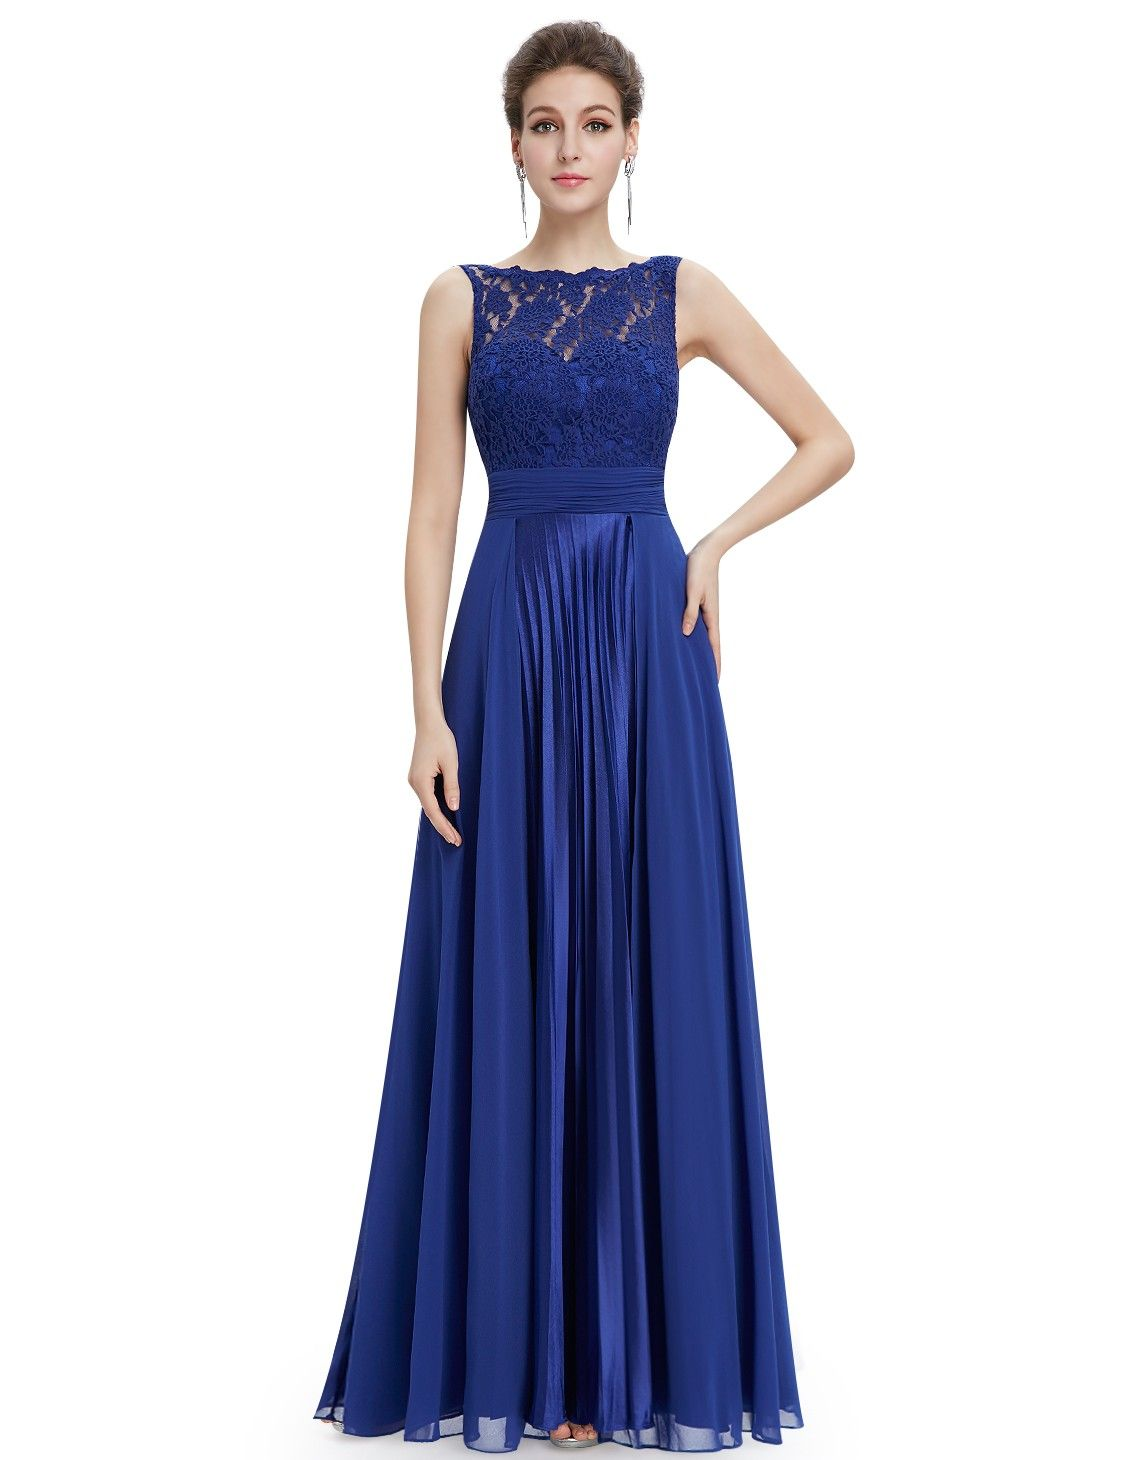 Elegantes Brautjungfer Abendkleid Blau Rundhals | Kleider ...